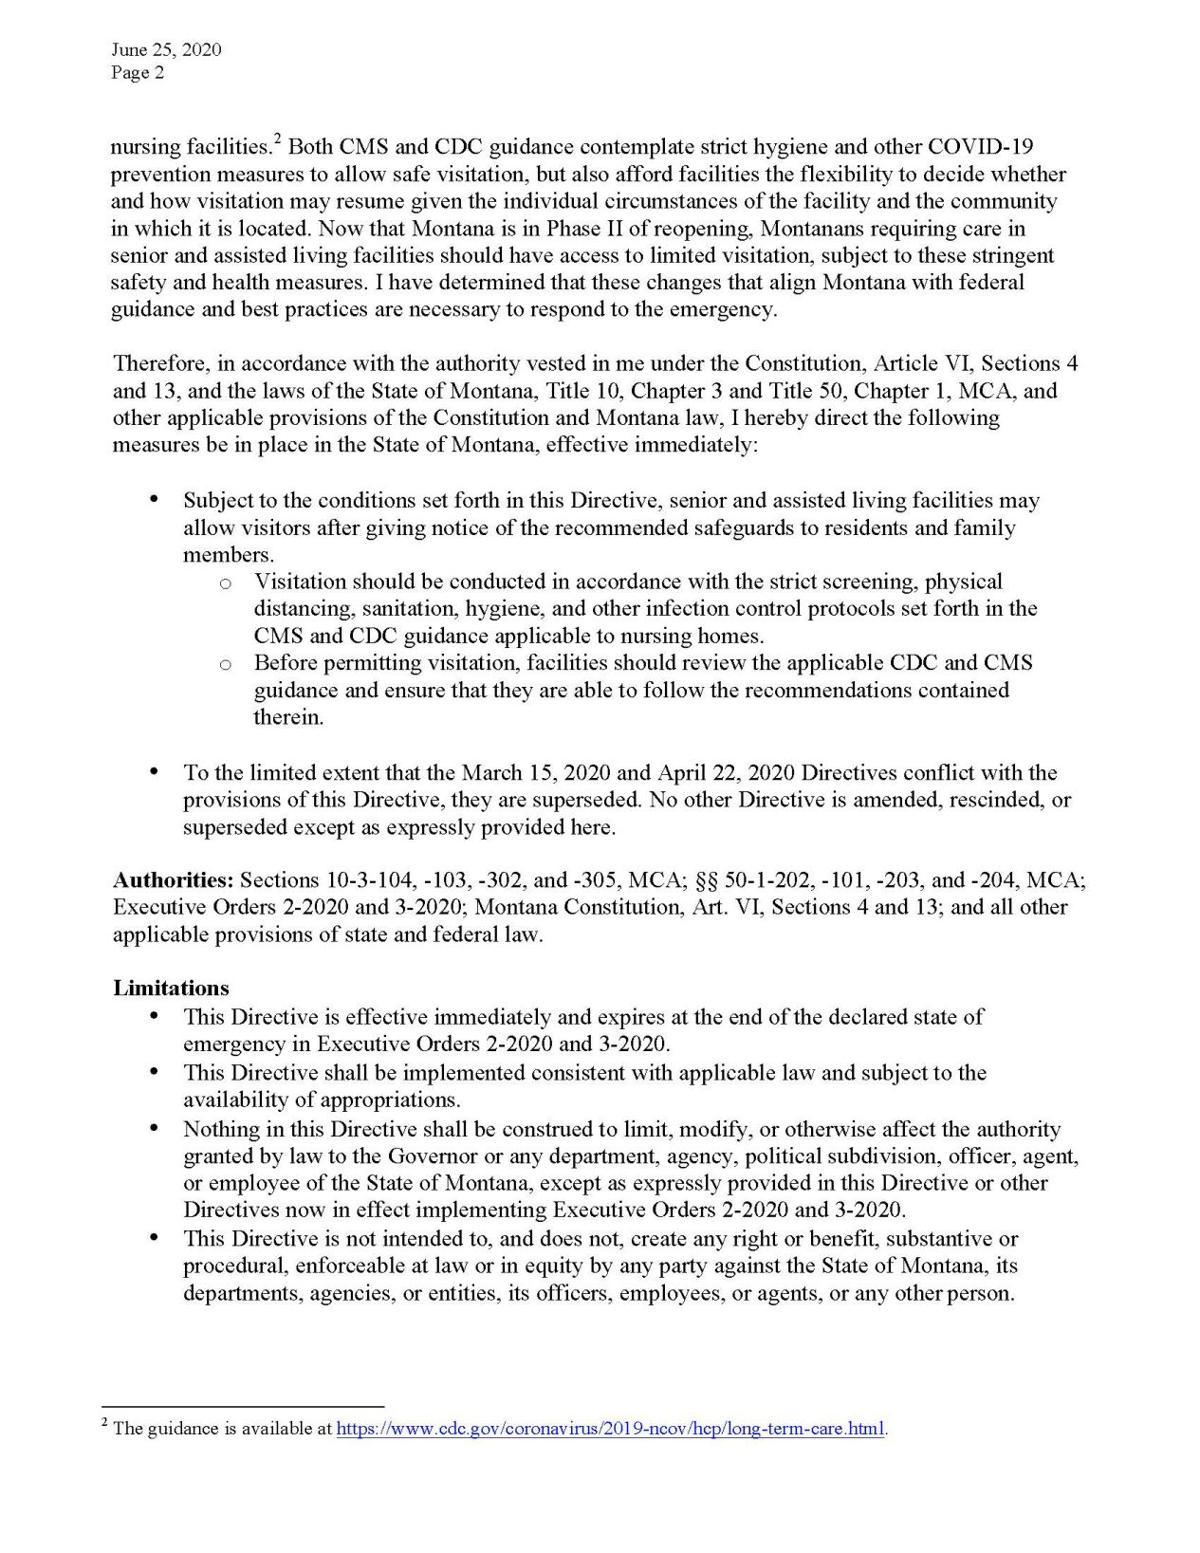 Nursing Homes Directive 2